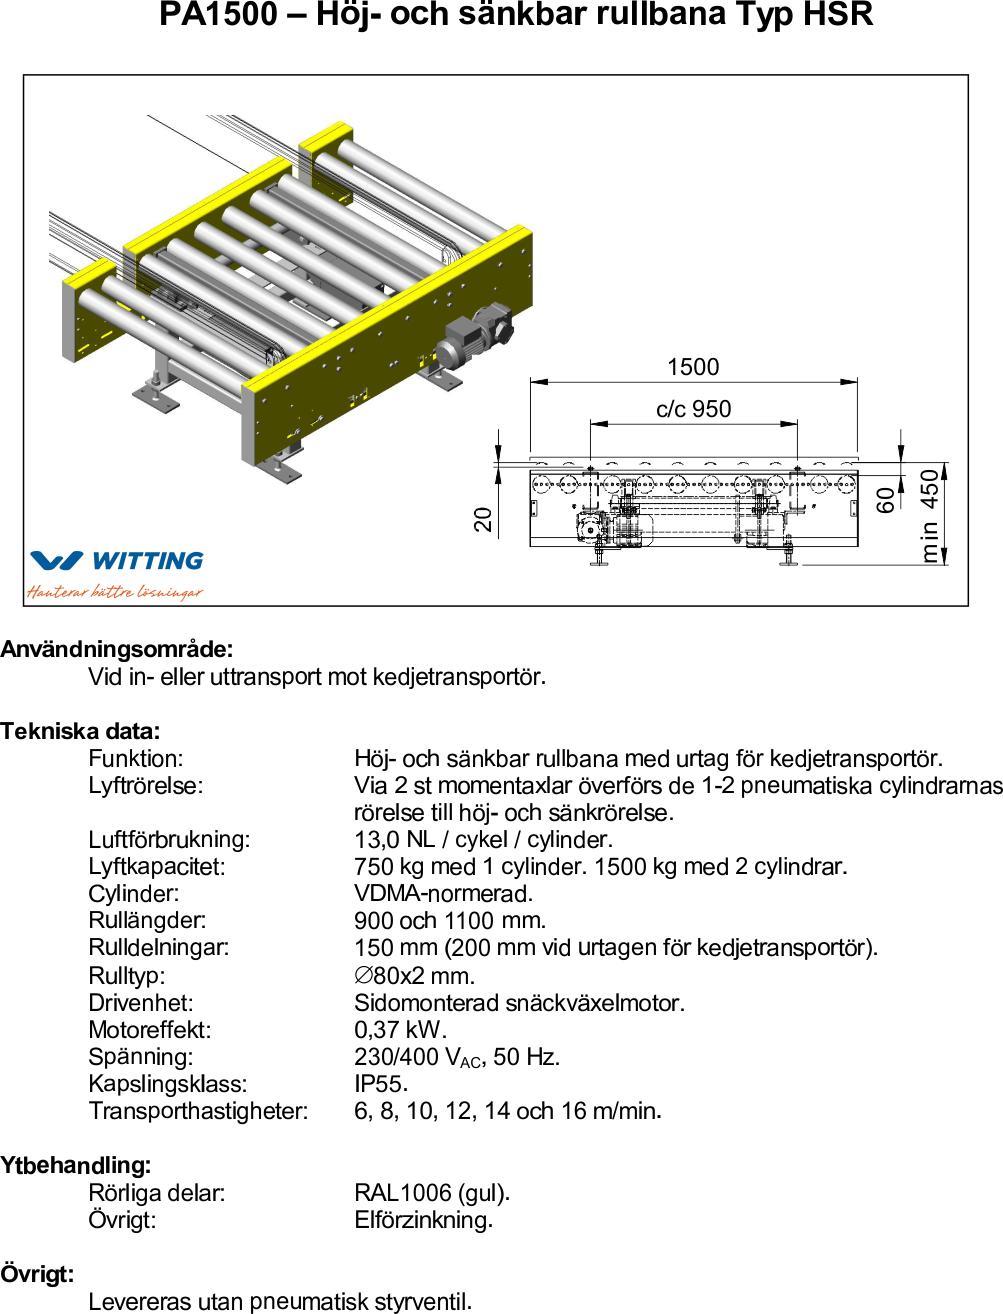 Höj- och sänkbar rullbana Typ HSR